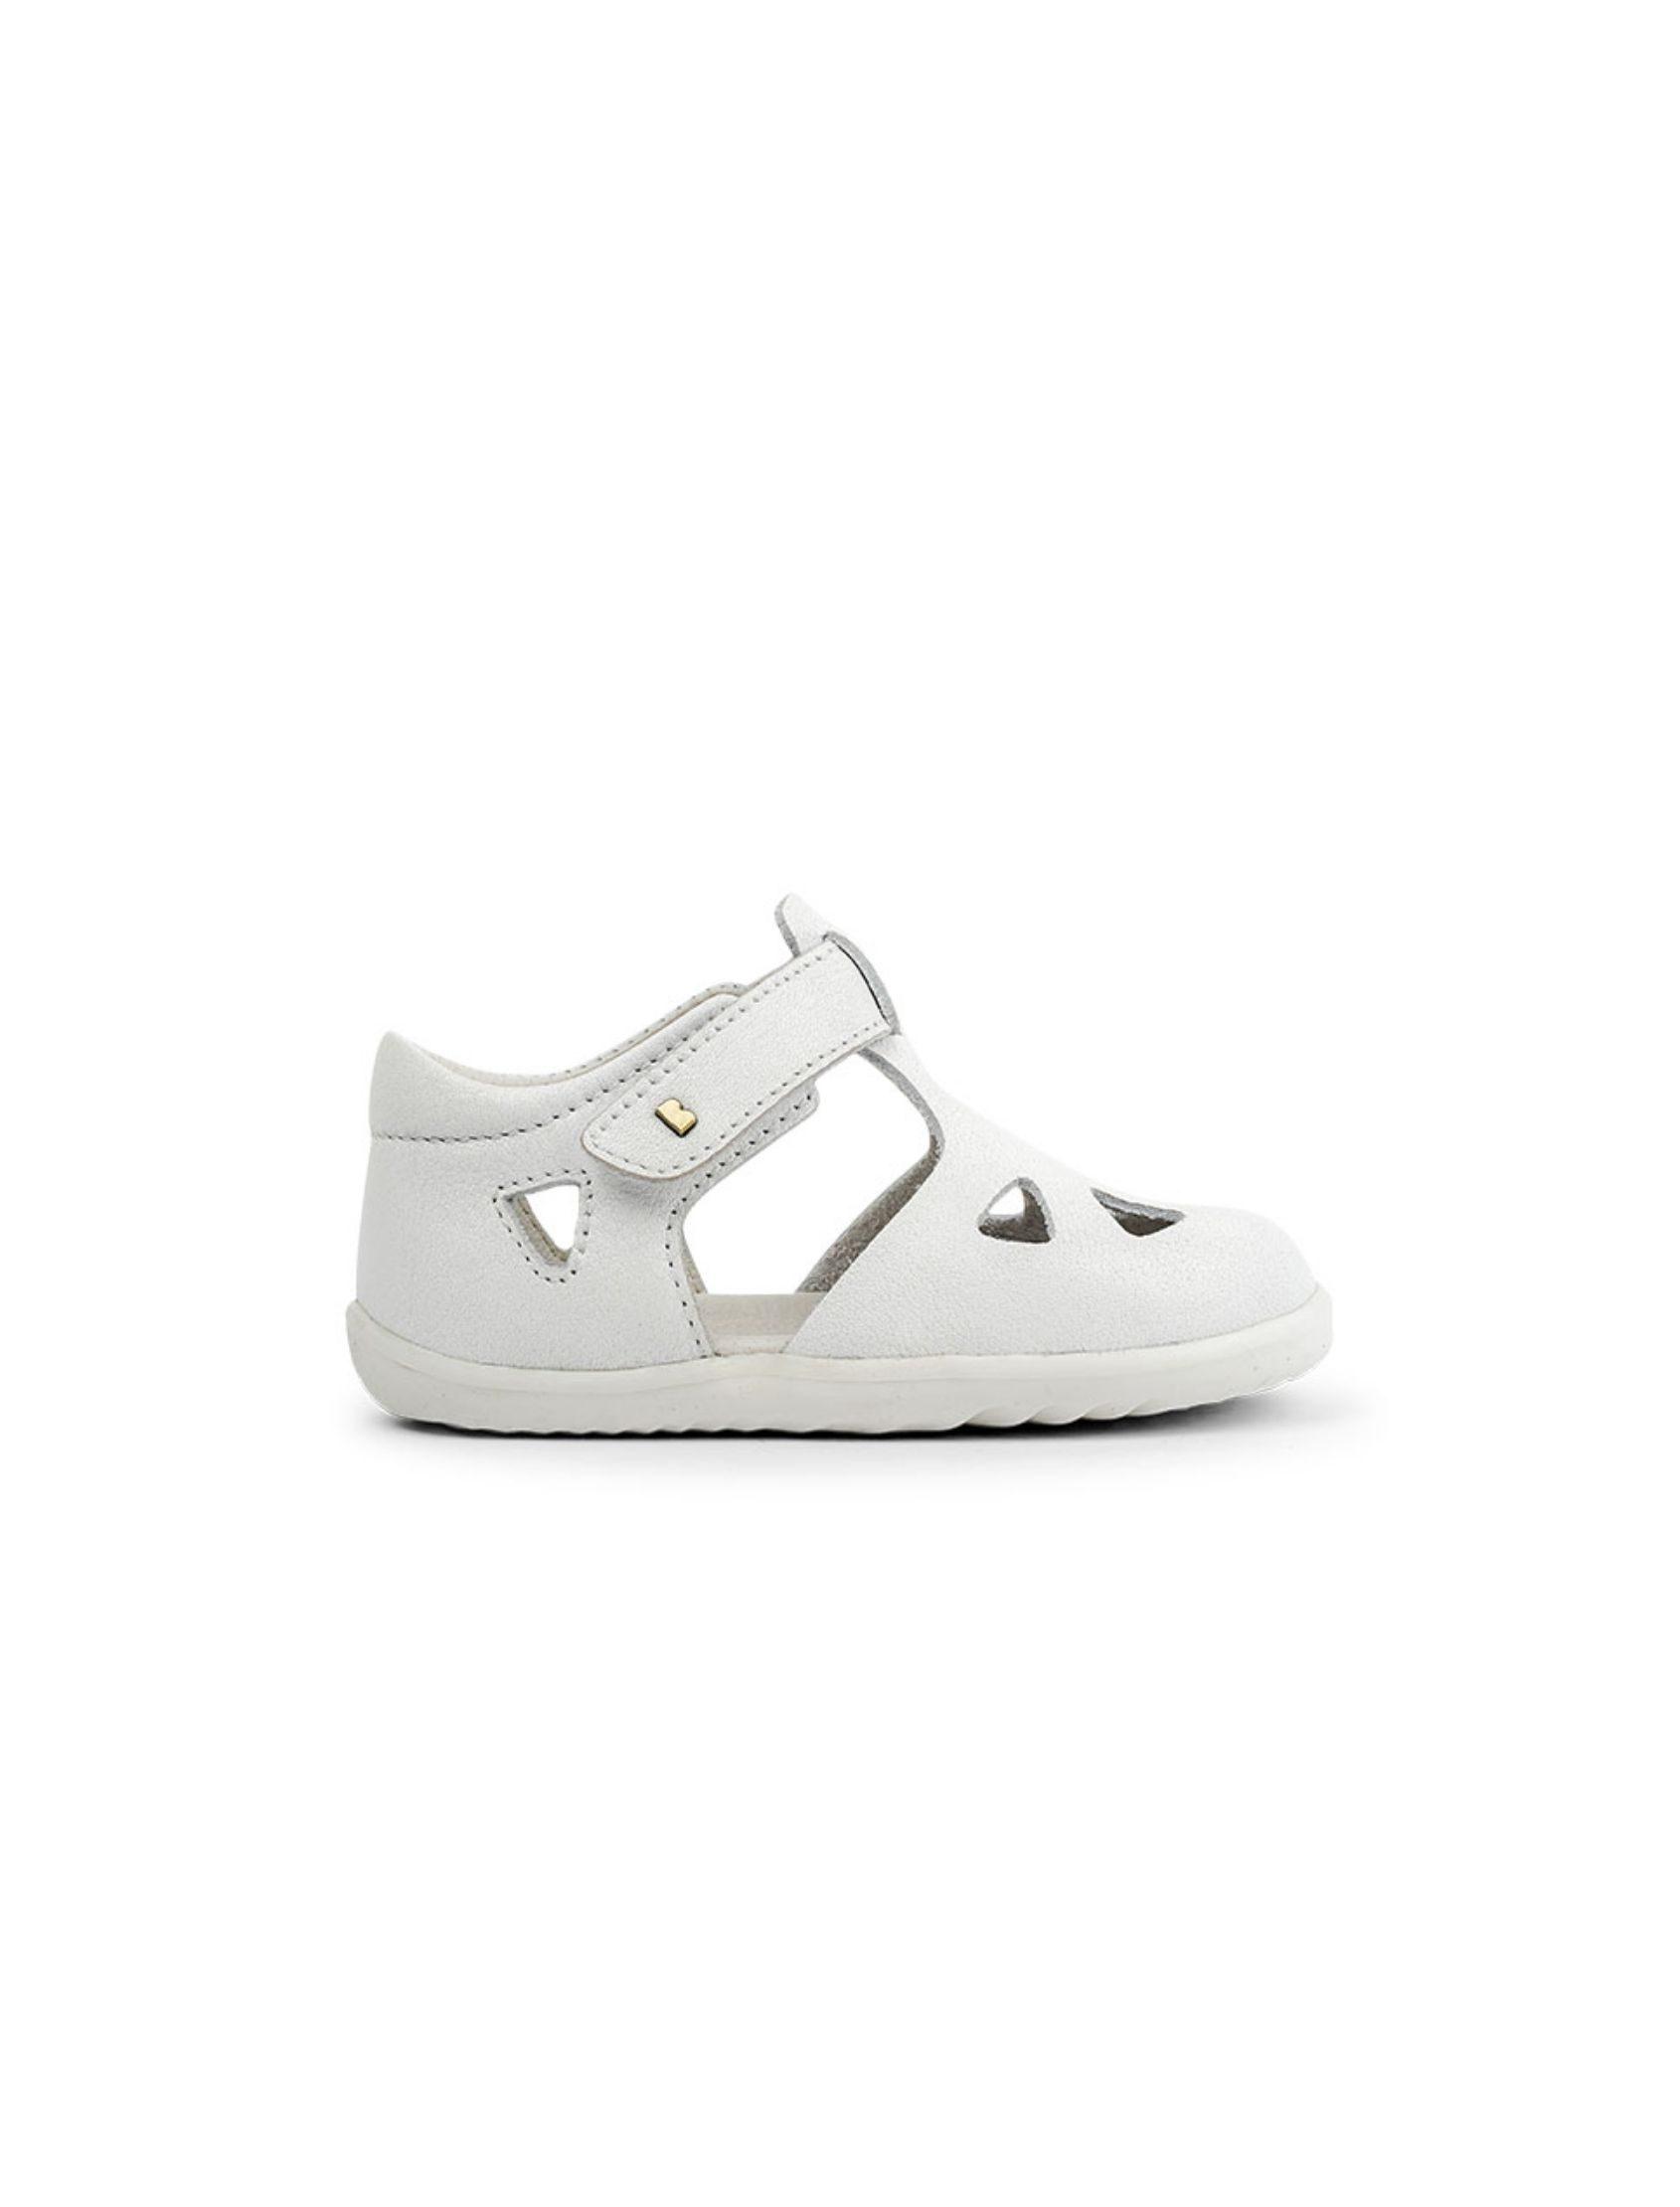 sandalia de niño y niña en color blanco modelo step up de bobux con velcro